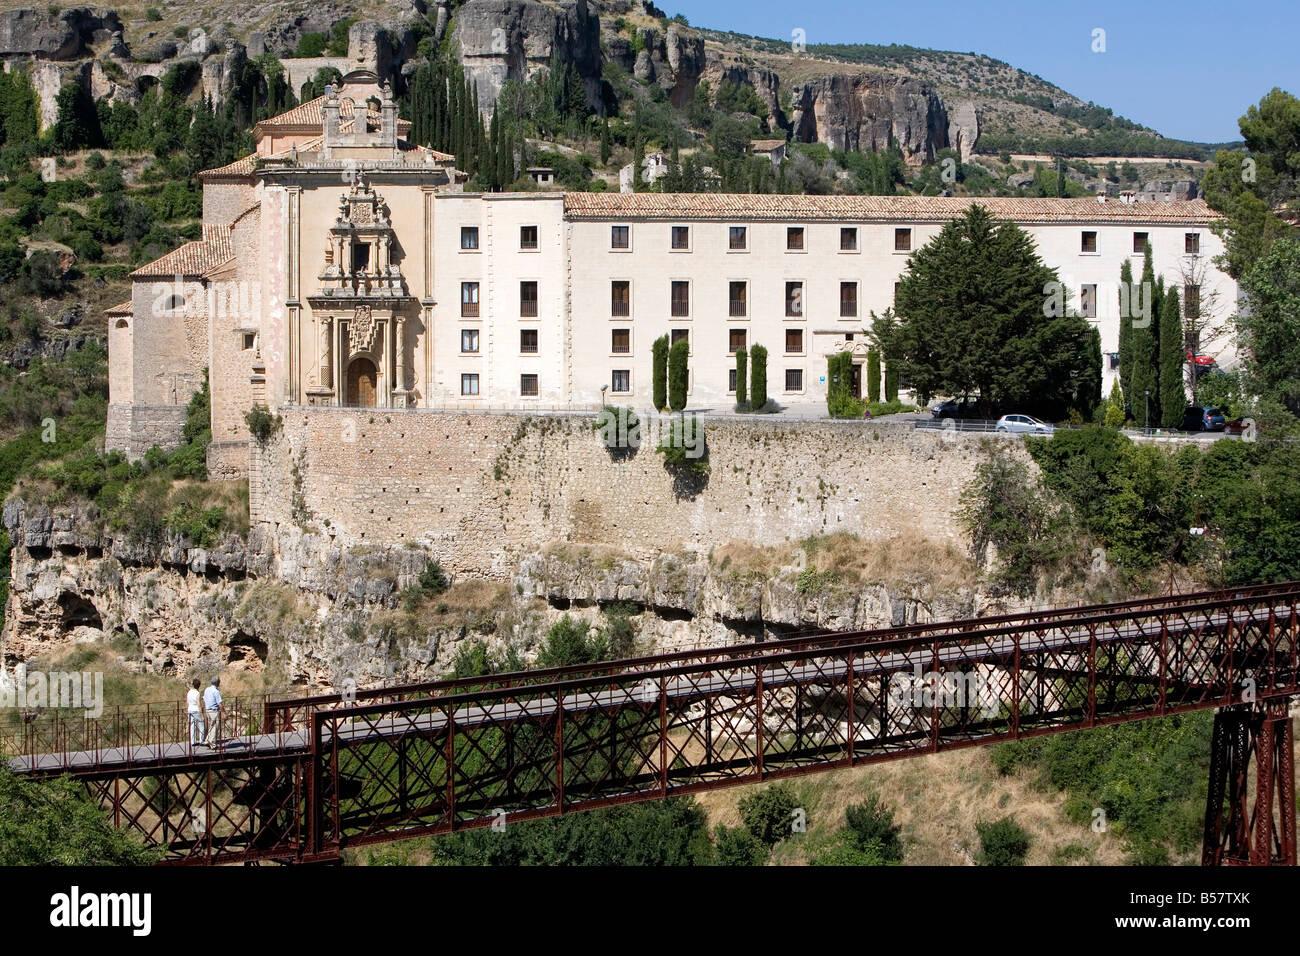 Convento de San Pablo, now a Parador de Turismo, Cuenca, Castilla-La Mancha, Spain, Europe - Stock Image